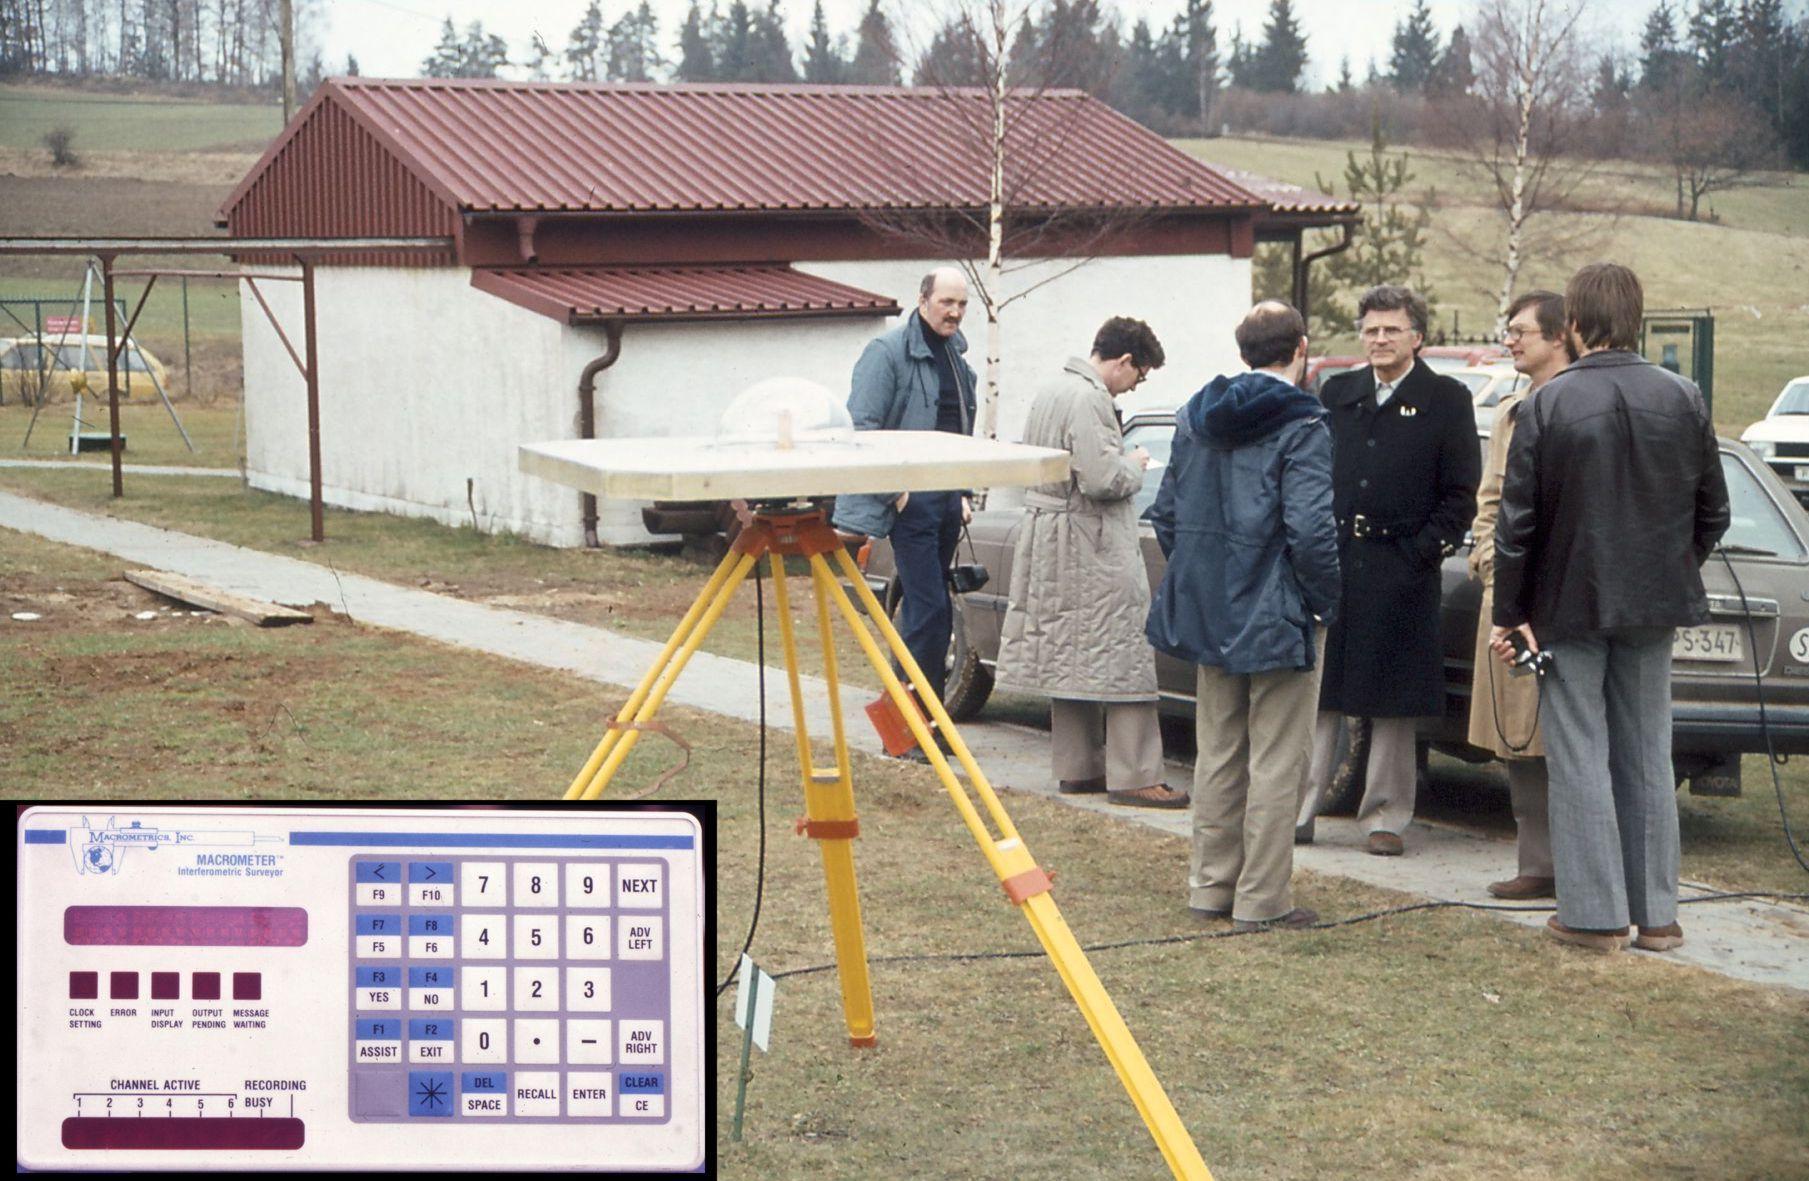 Erste GPS Positionsmessung in Deutschland mit einem Macrometer Interferometric Surveyor